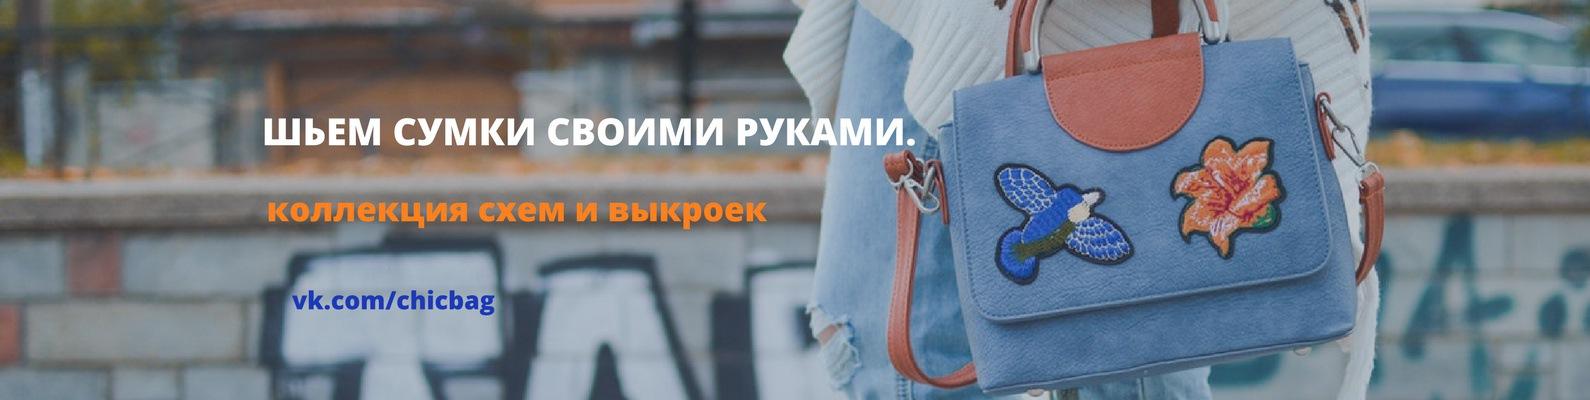 4047125f0233 Шьем сумки своими руками. Схемы. Выкройки. | ВКонтакте